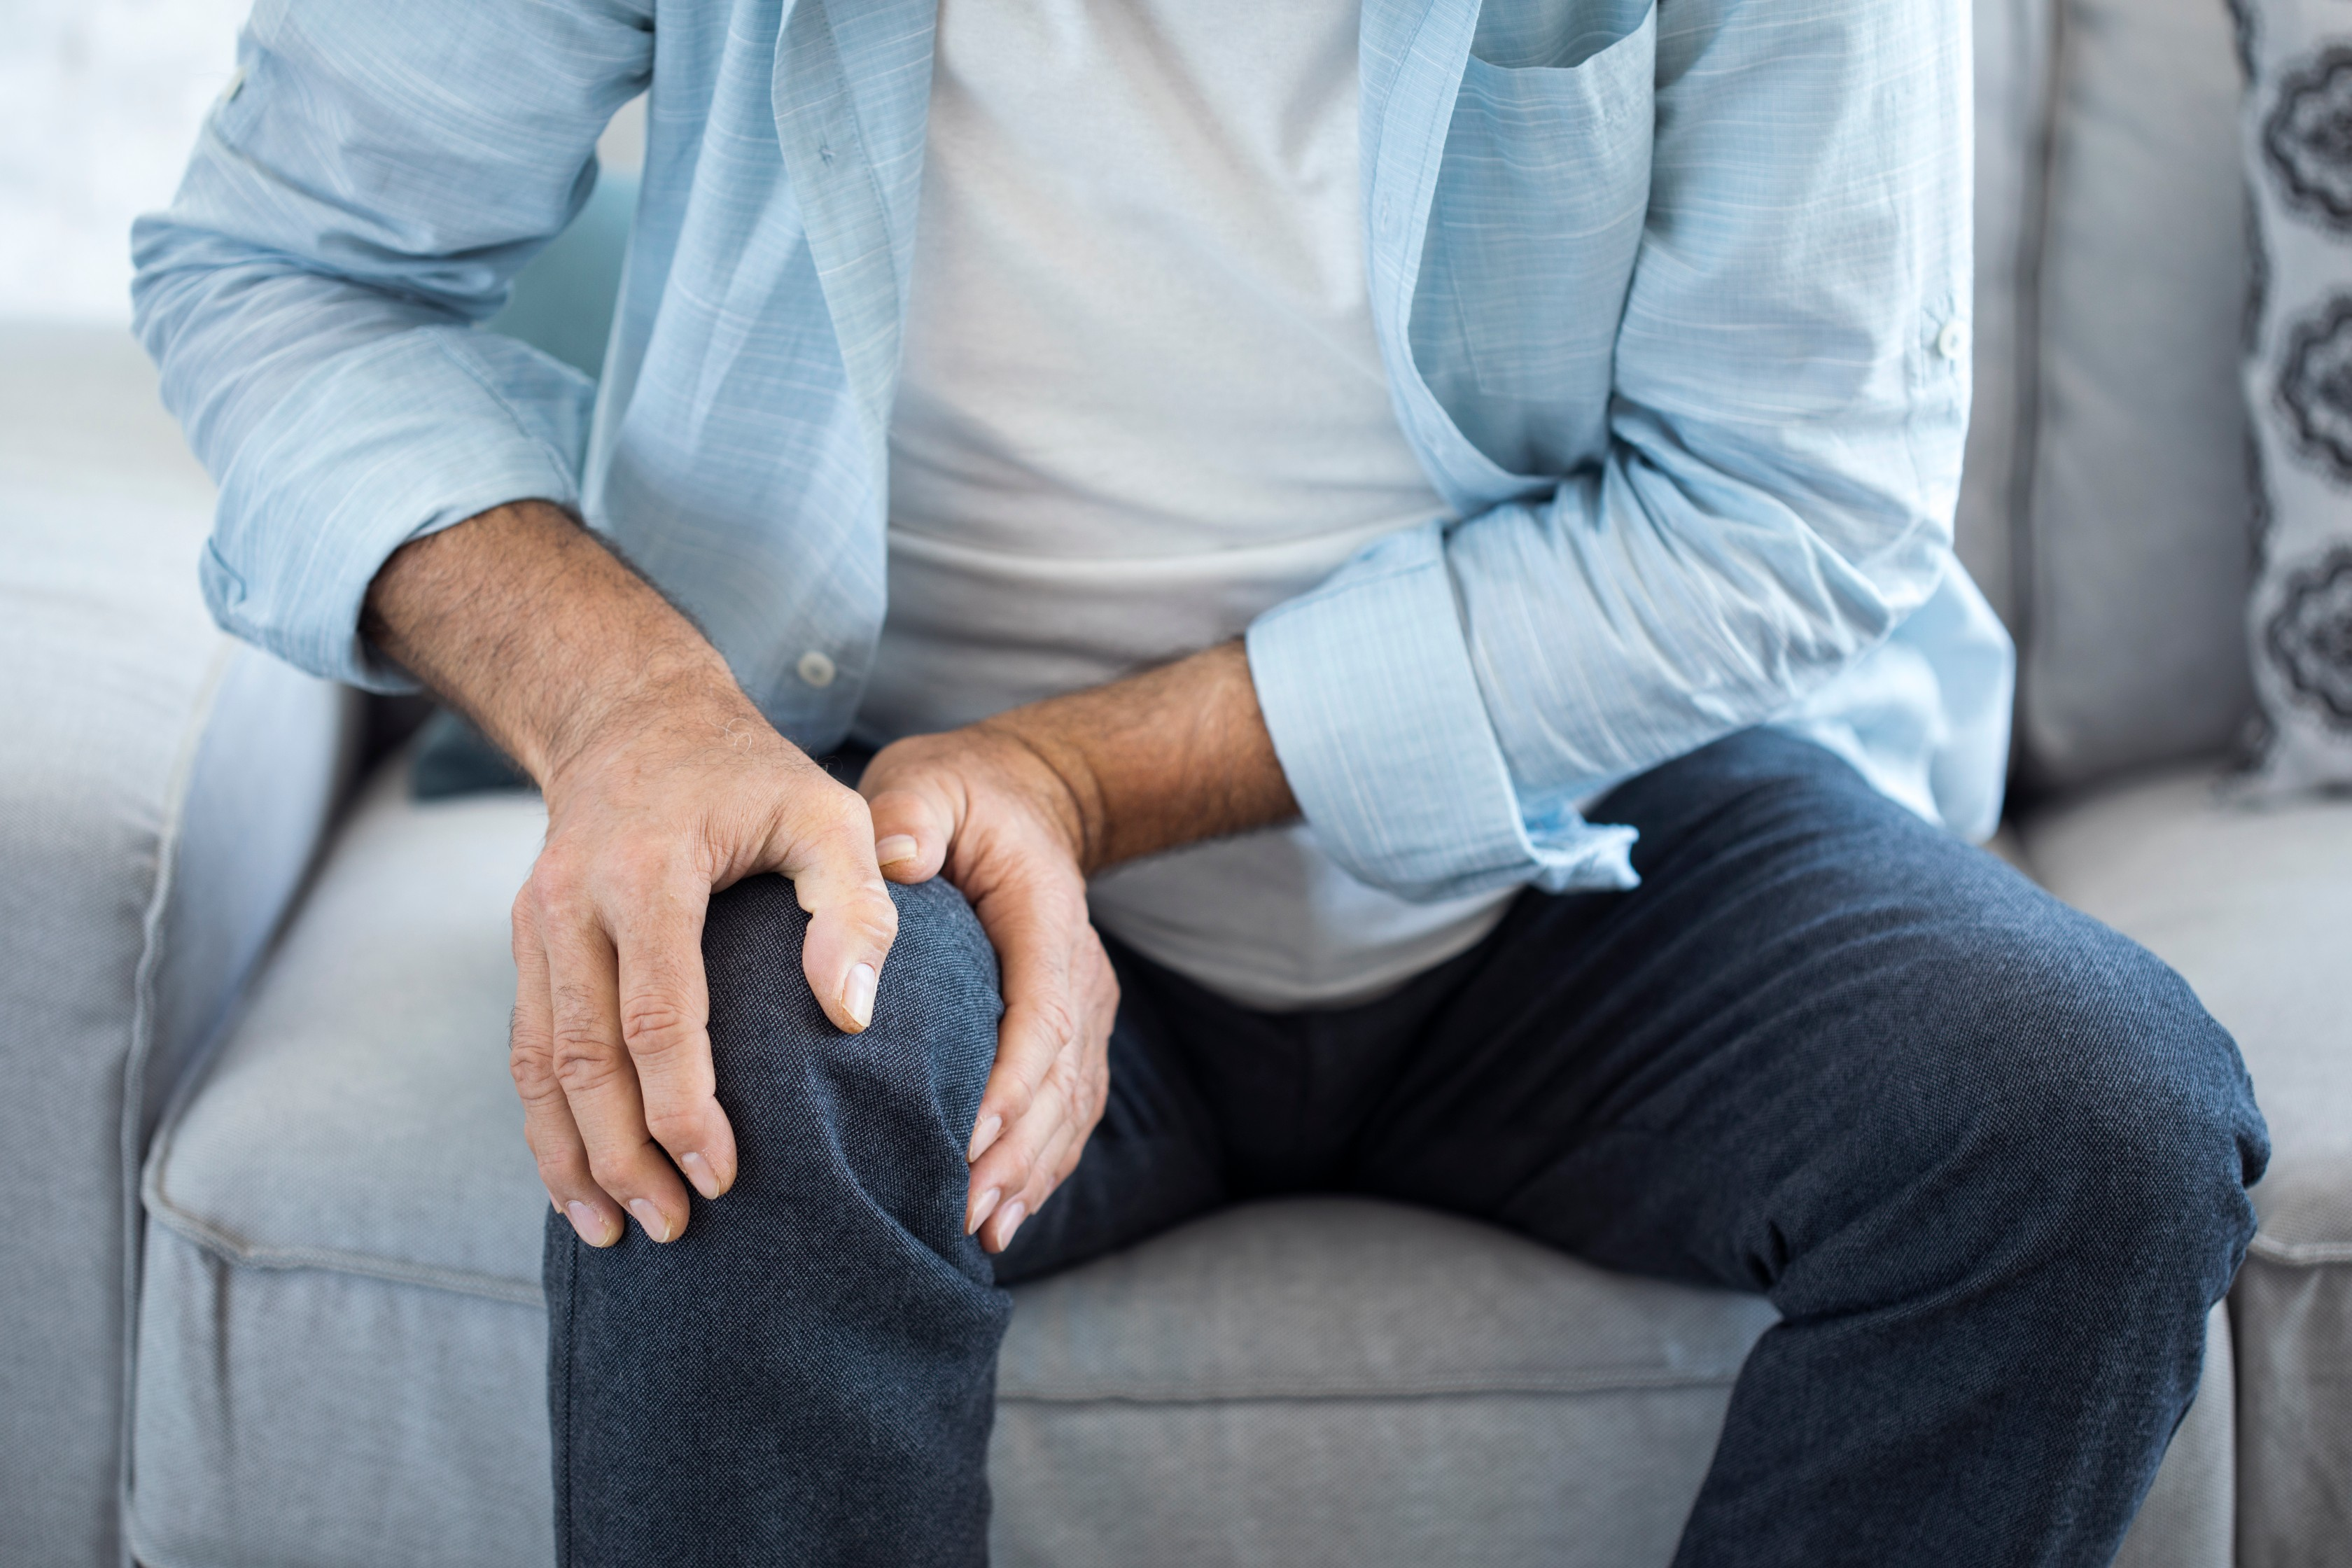 hogyan lehet felismerni a kézízületek fájdalmát